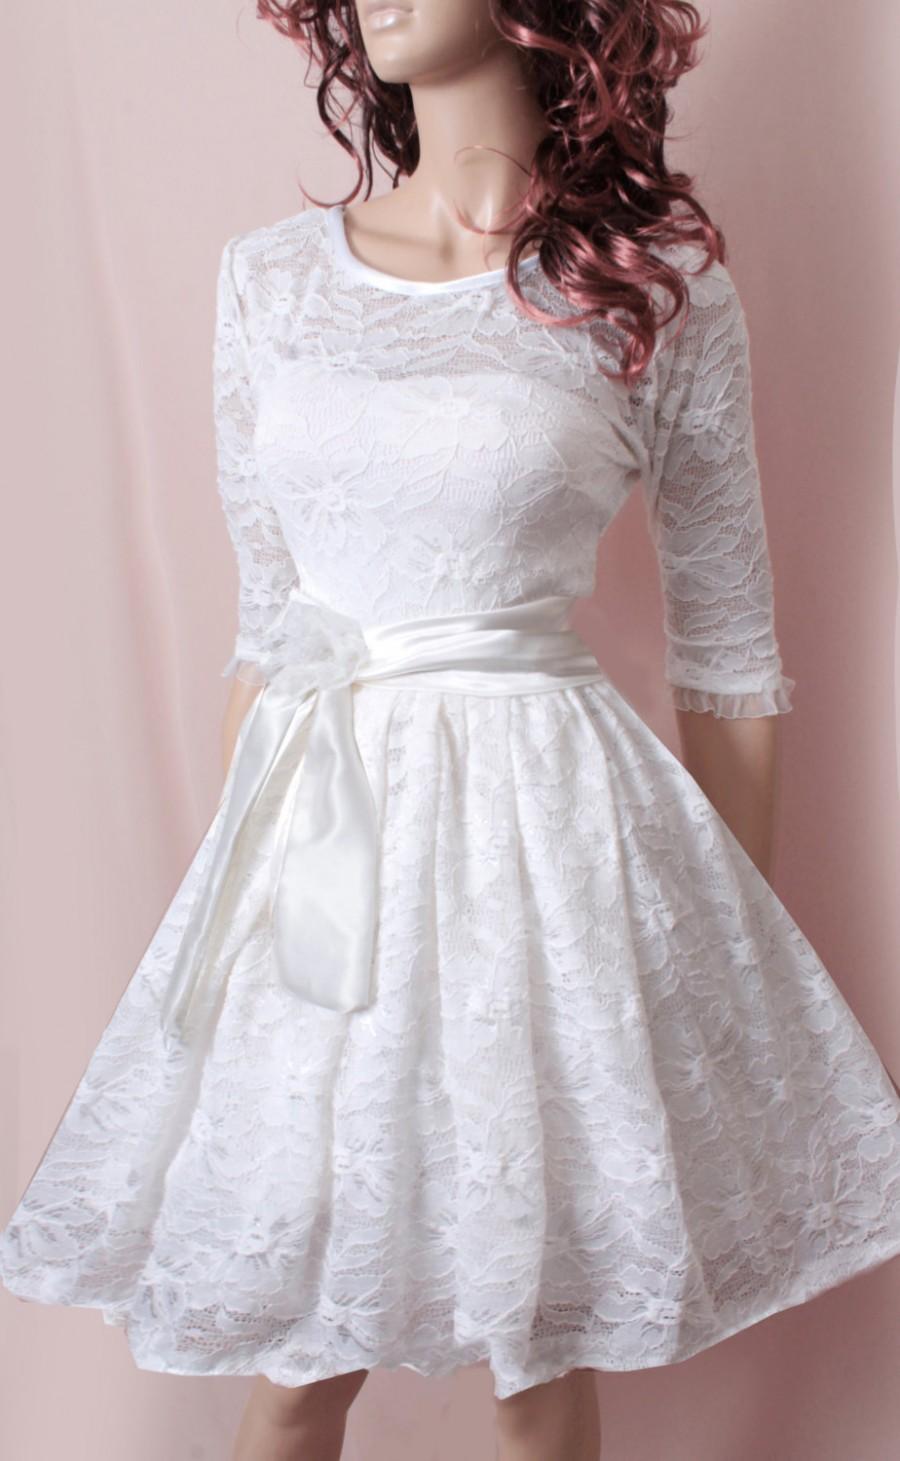 Plus Size Party White Bridesmaid Romantic Wedding Party Short Lace Dress 2463925